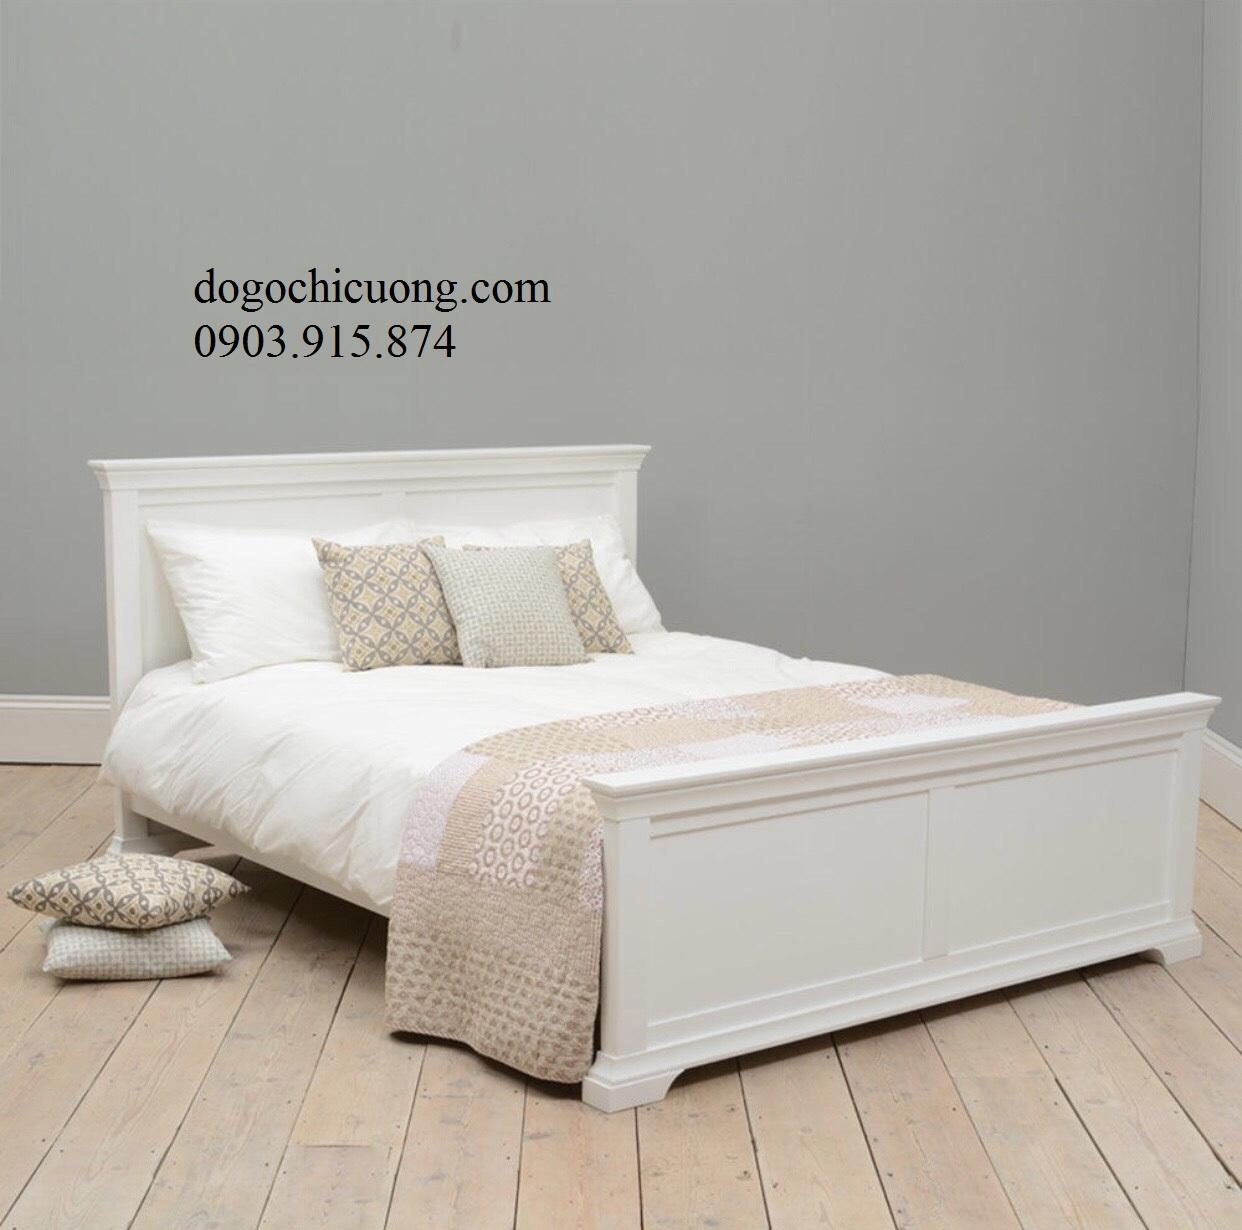 Giường Ngủ Cao Cấp Kiểu Dáng Hiện Đại 450